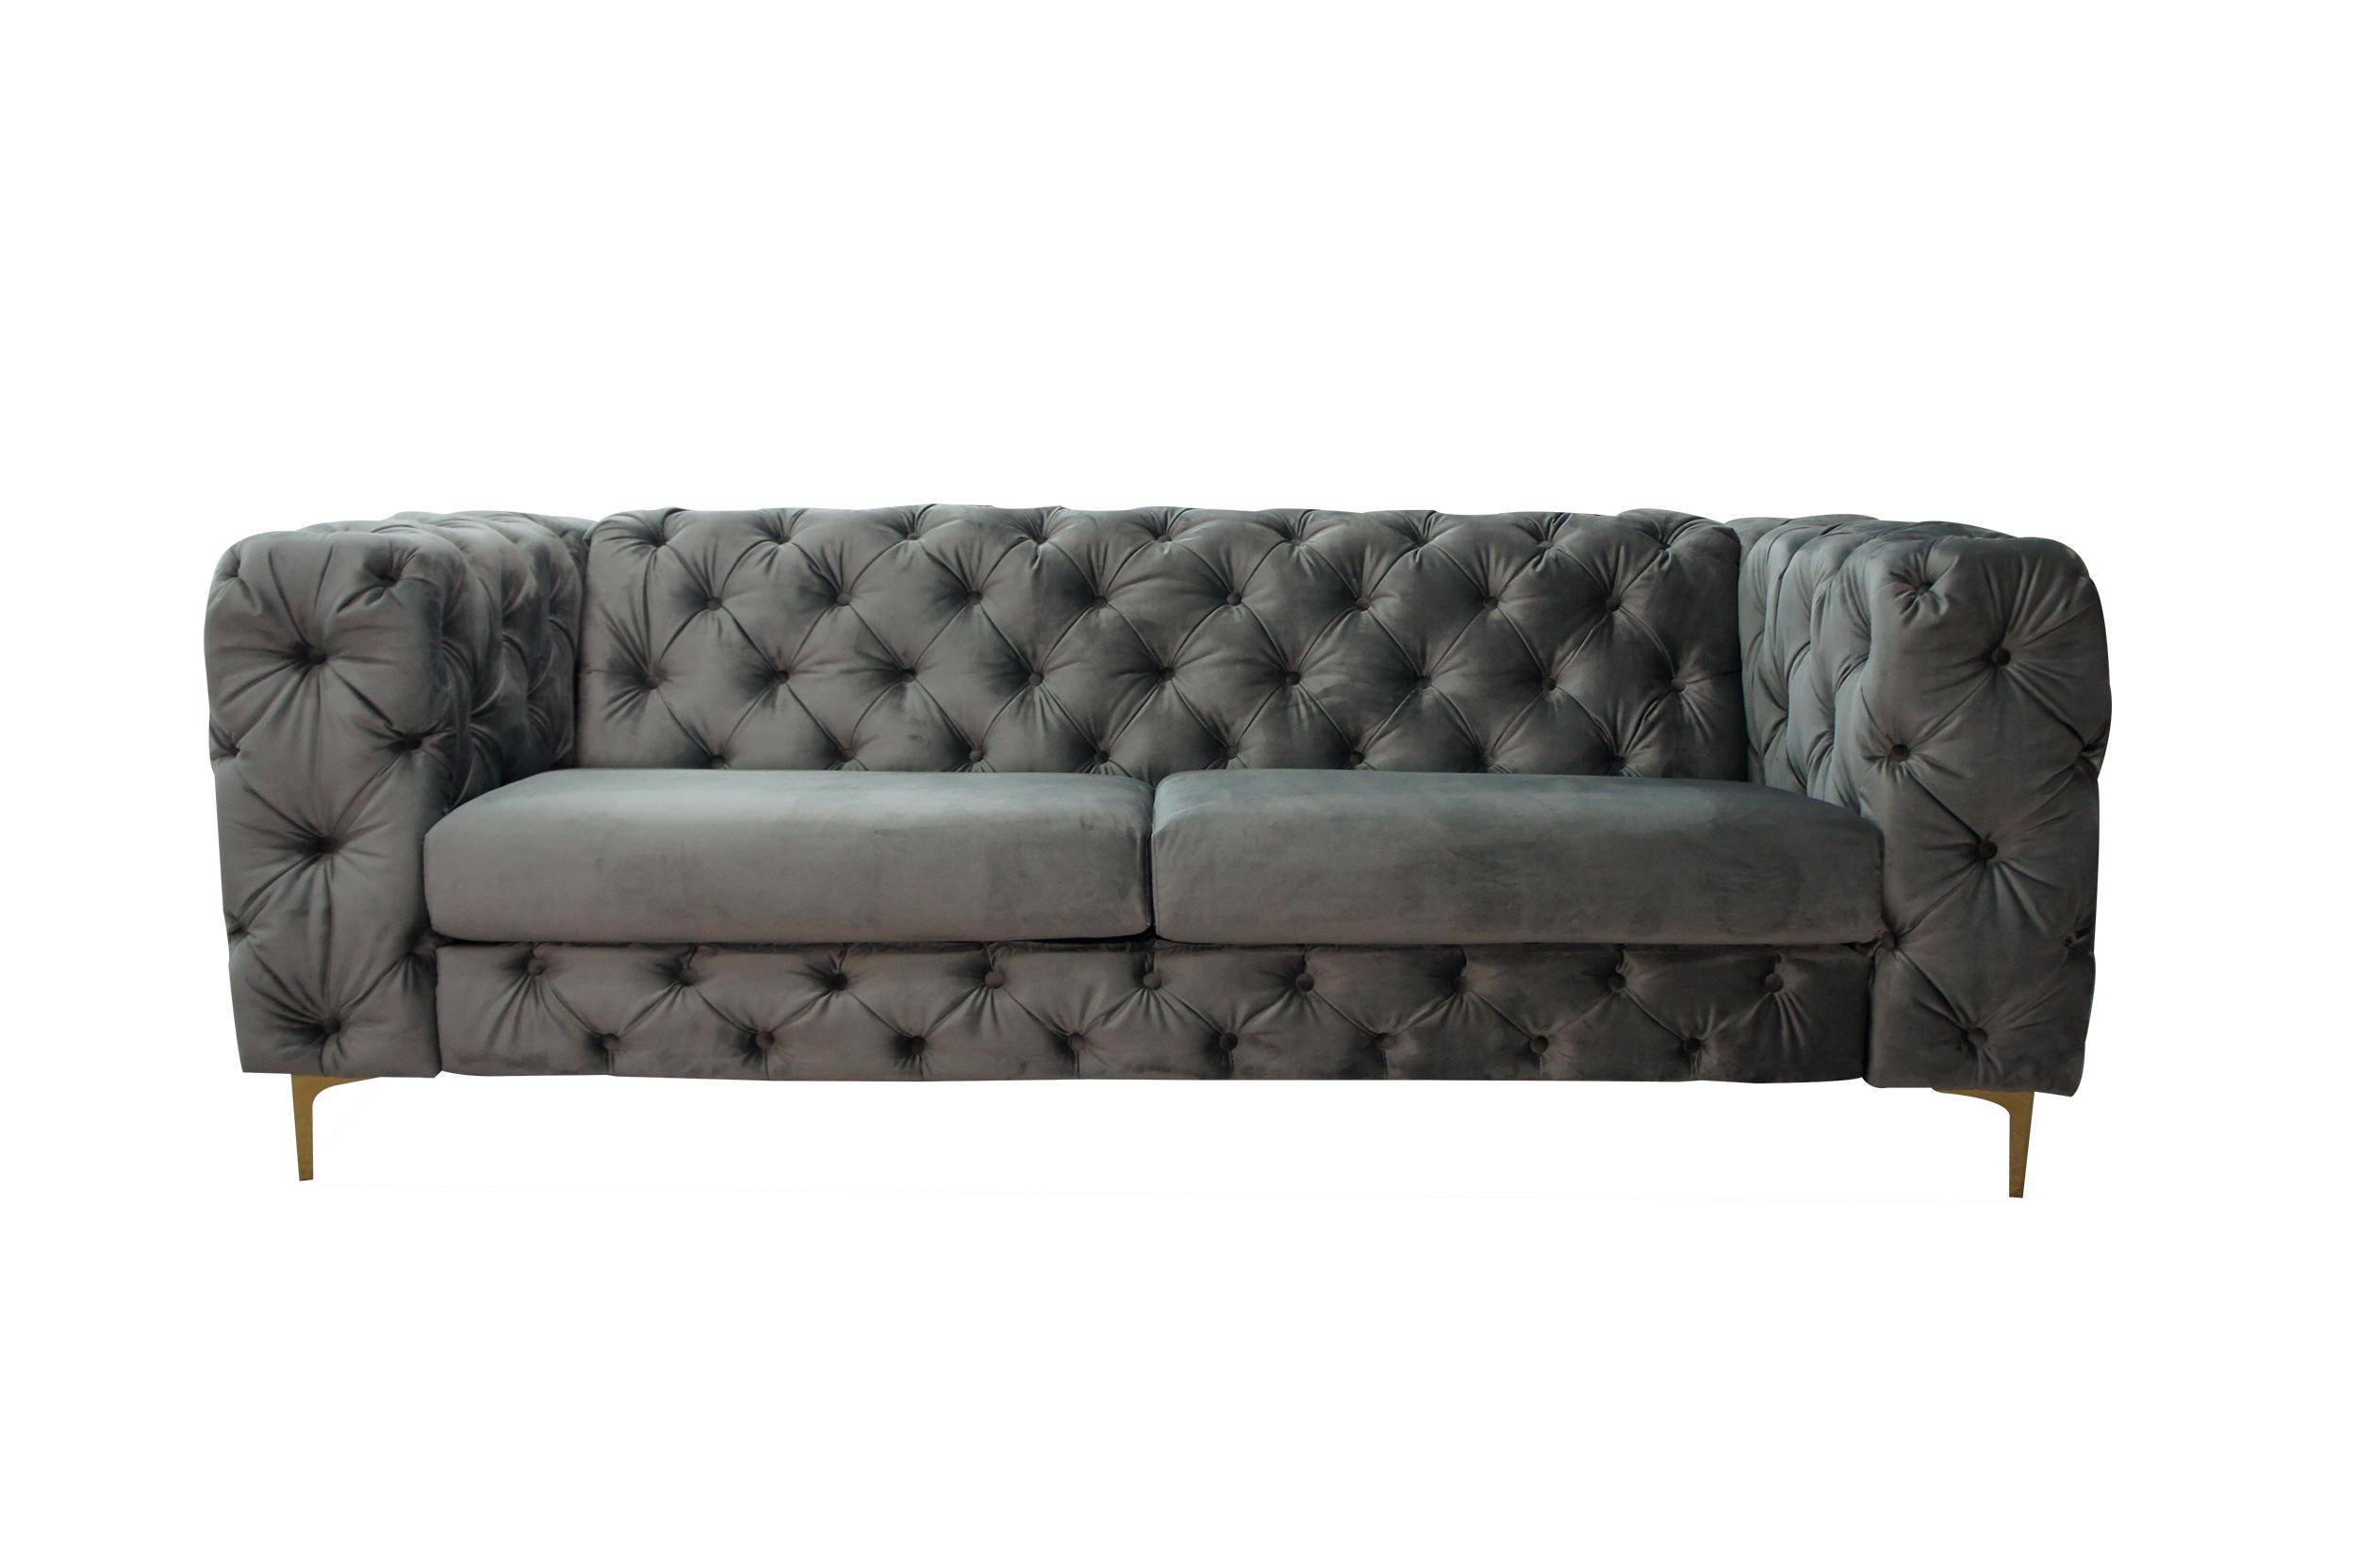 Full Size of Sofa Barock Lc Home 3er Dreisitzer Couch Kingdom Chesterfield Samt Schillig Copperfield Leinen Modernes Mit Boxen Big Kaufen Led Dauerschläfer Online Sofa Sofa Barock